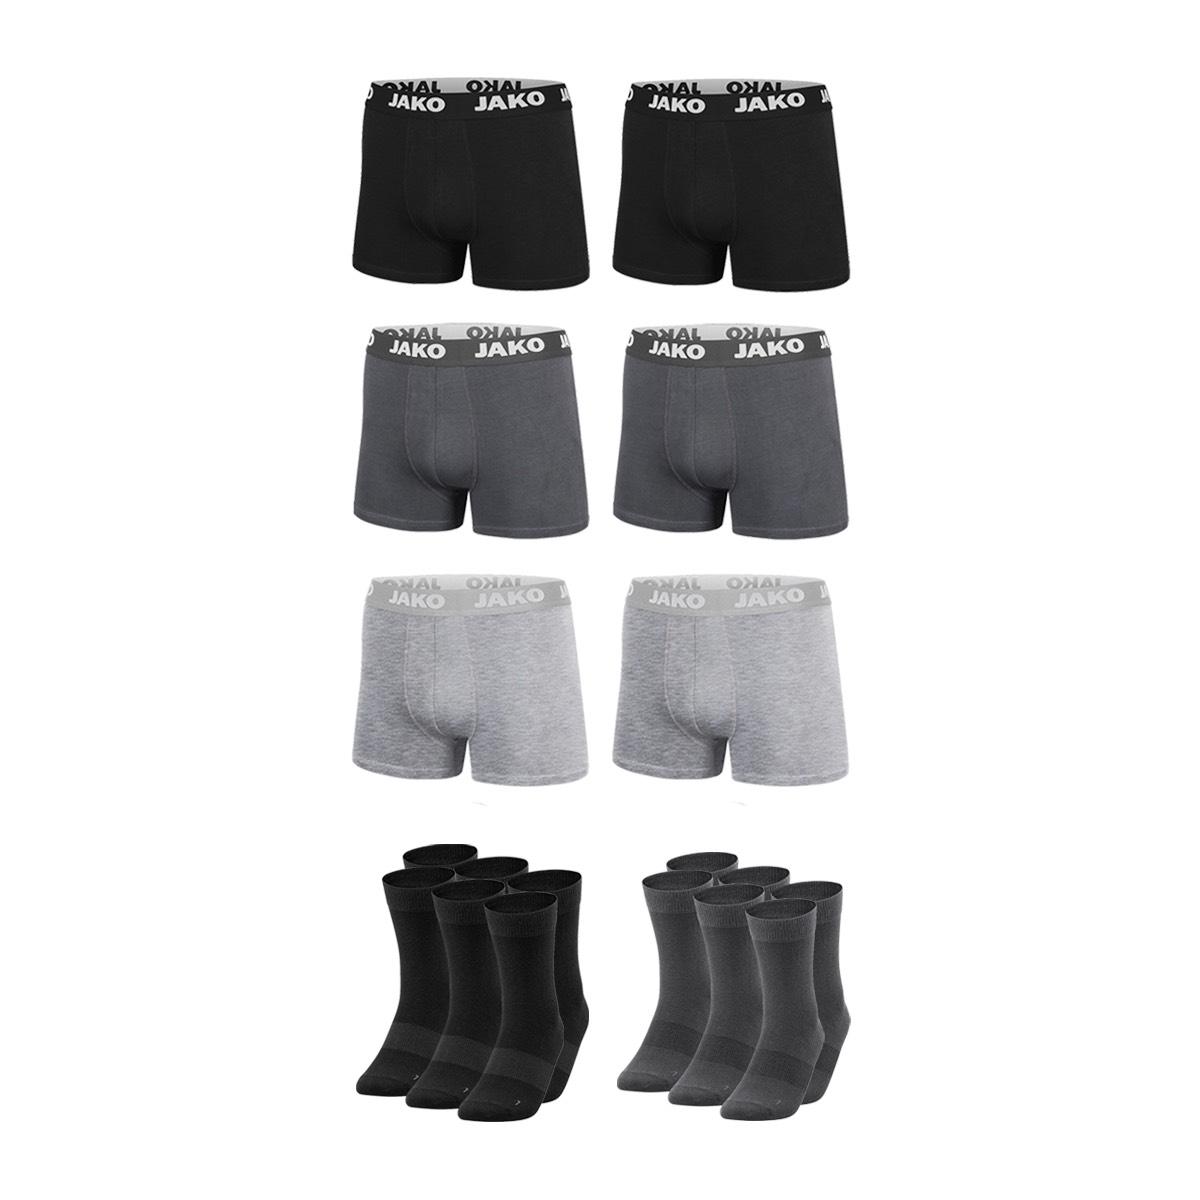 Jako Unterwäsche Set (6 Boxershorts & 6 Paar Socken)